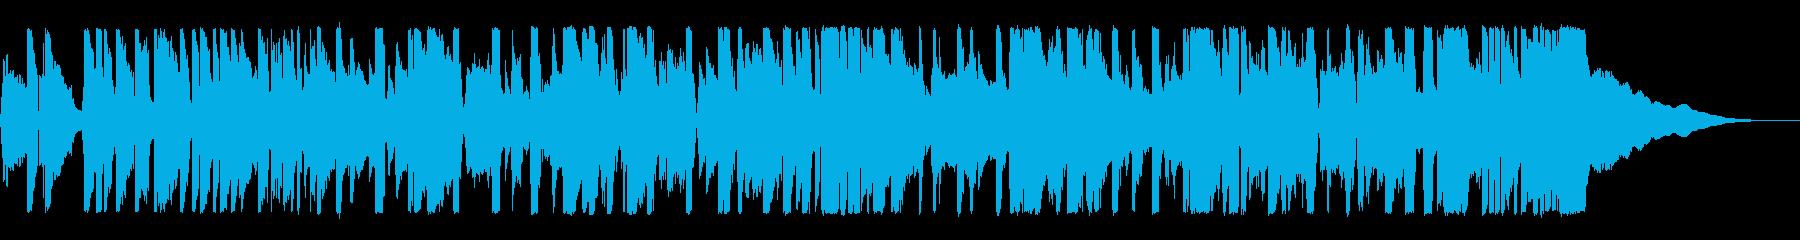 動画 感情的 楽しげ クール ad...の再生済みの波形